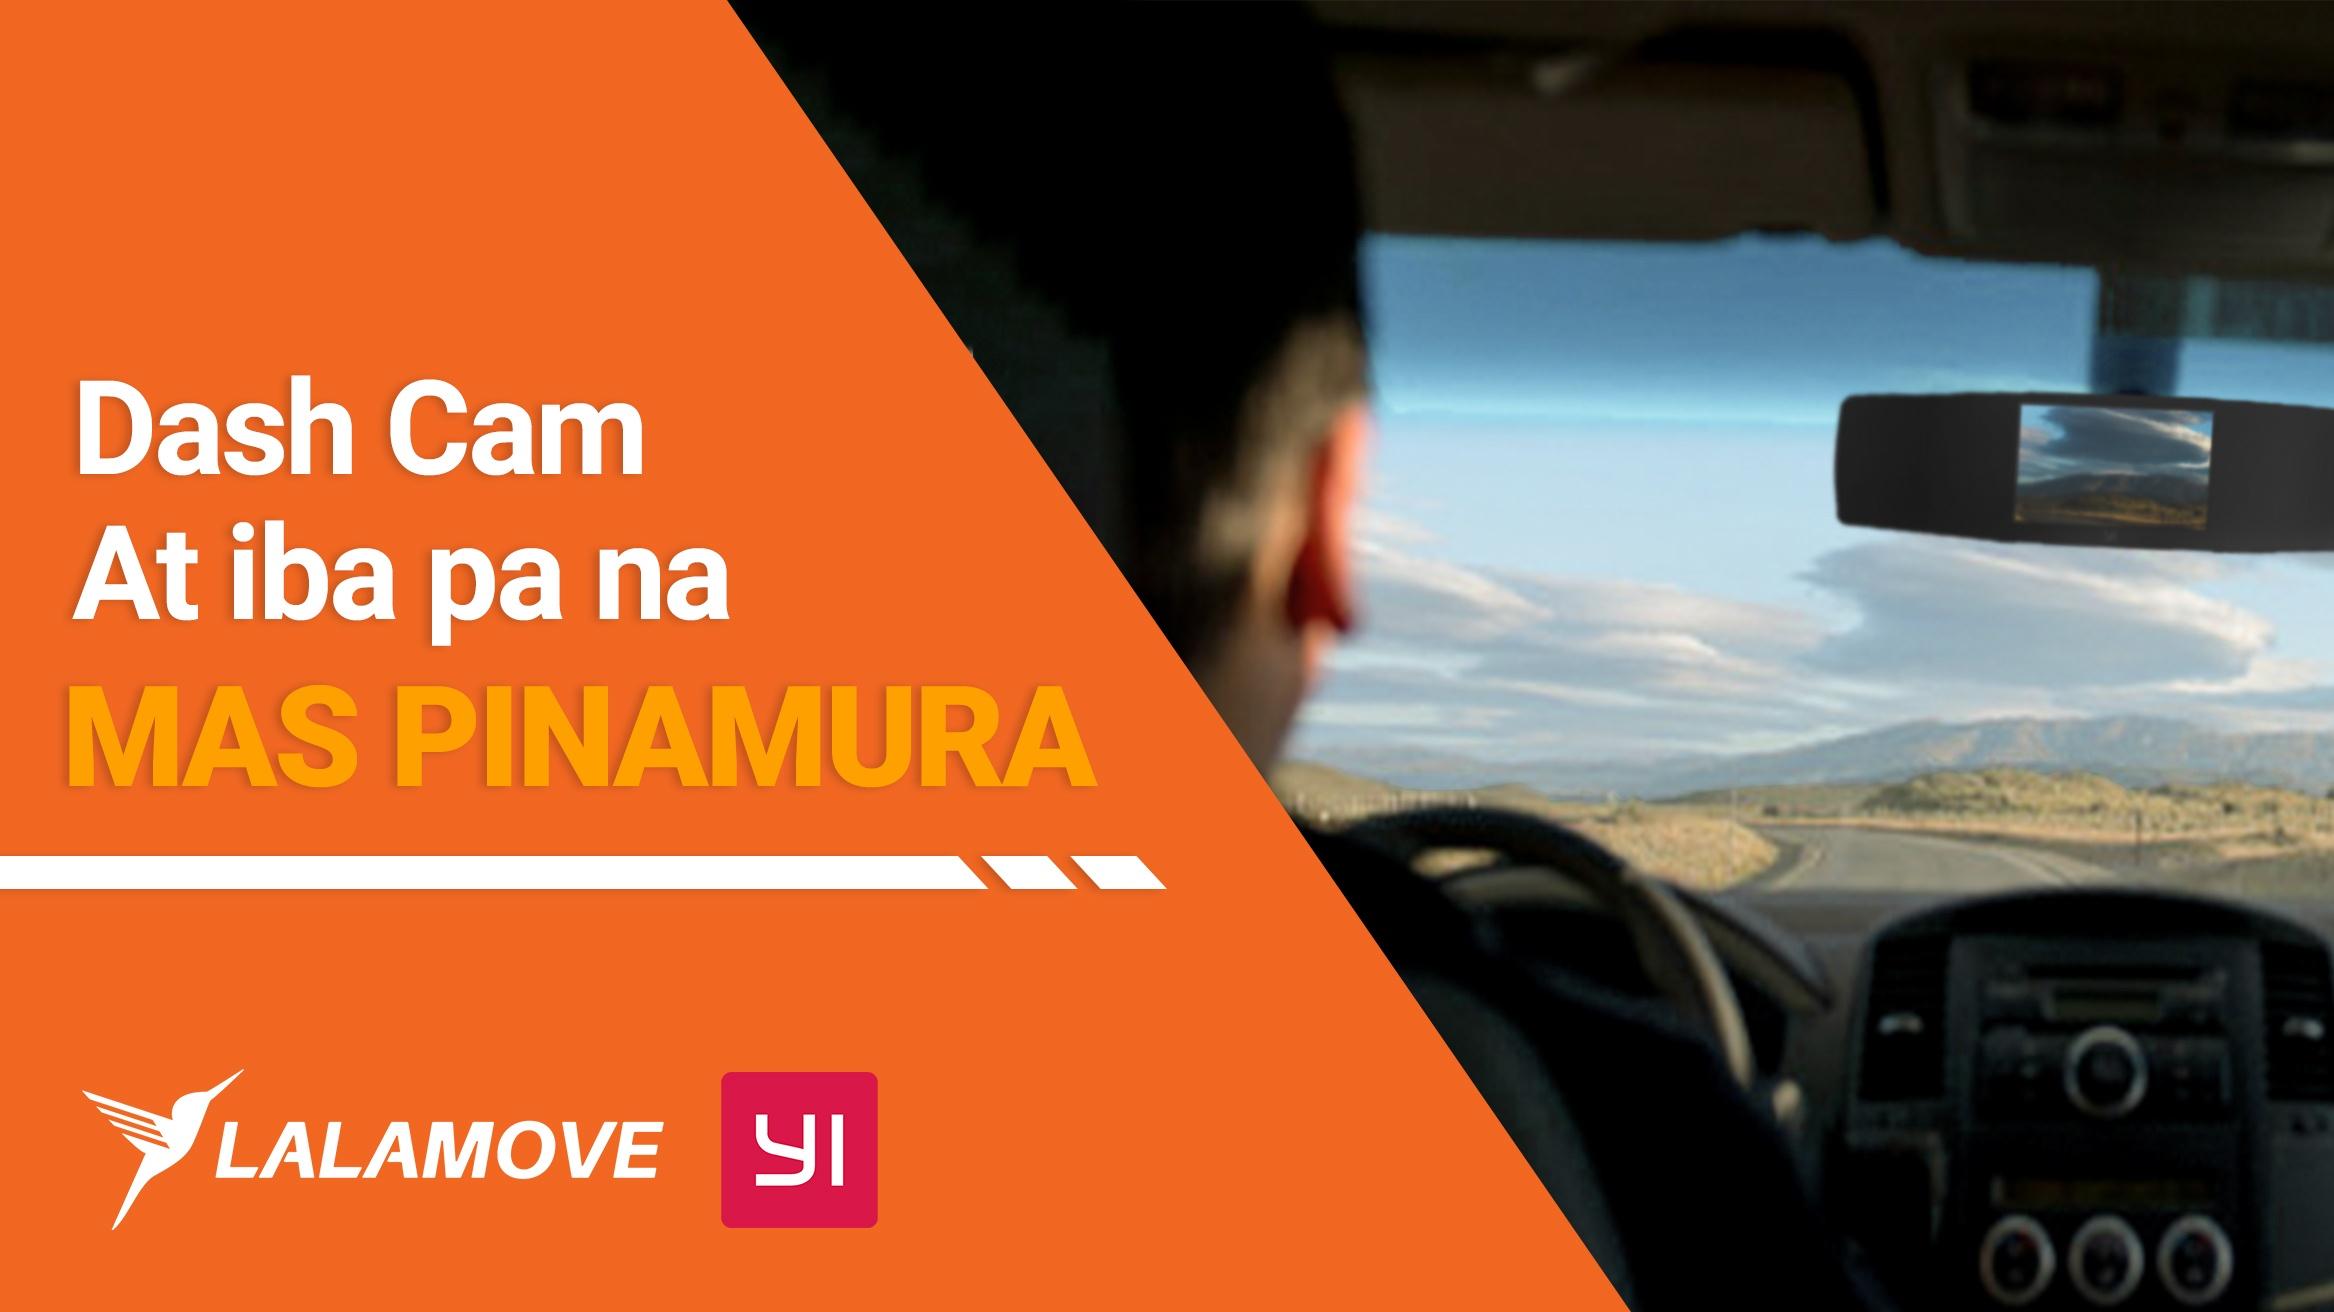 Dala ng Lalamove at Yi Technology ang discounted dash cam at iba pa para sa mga partner driver!